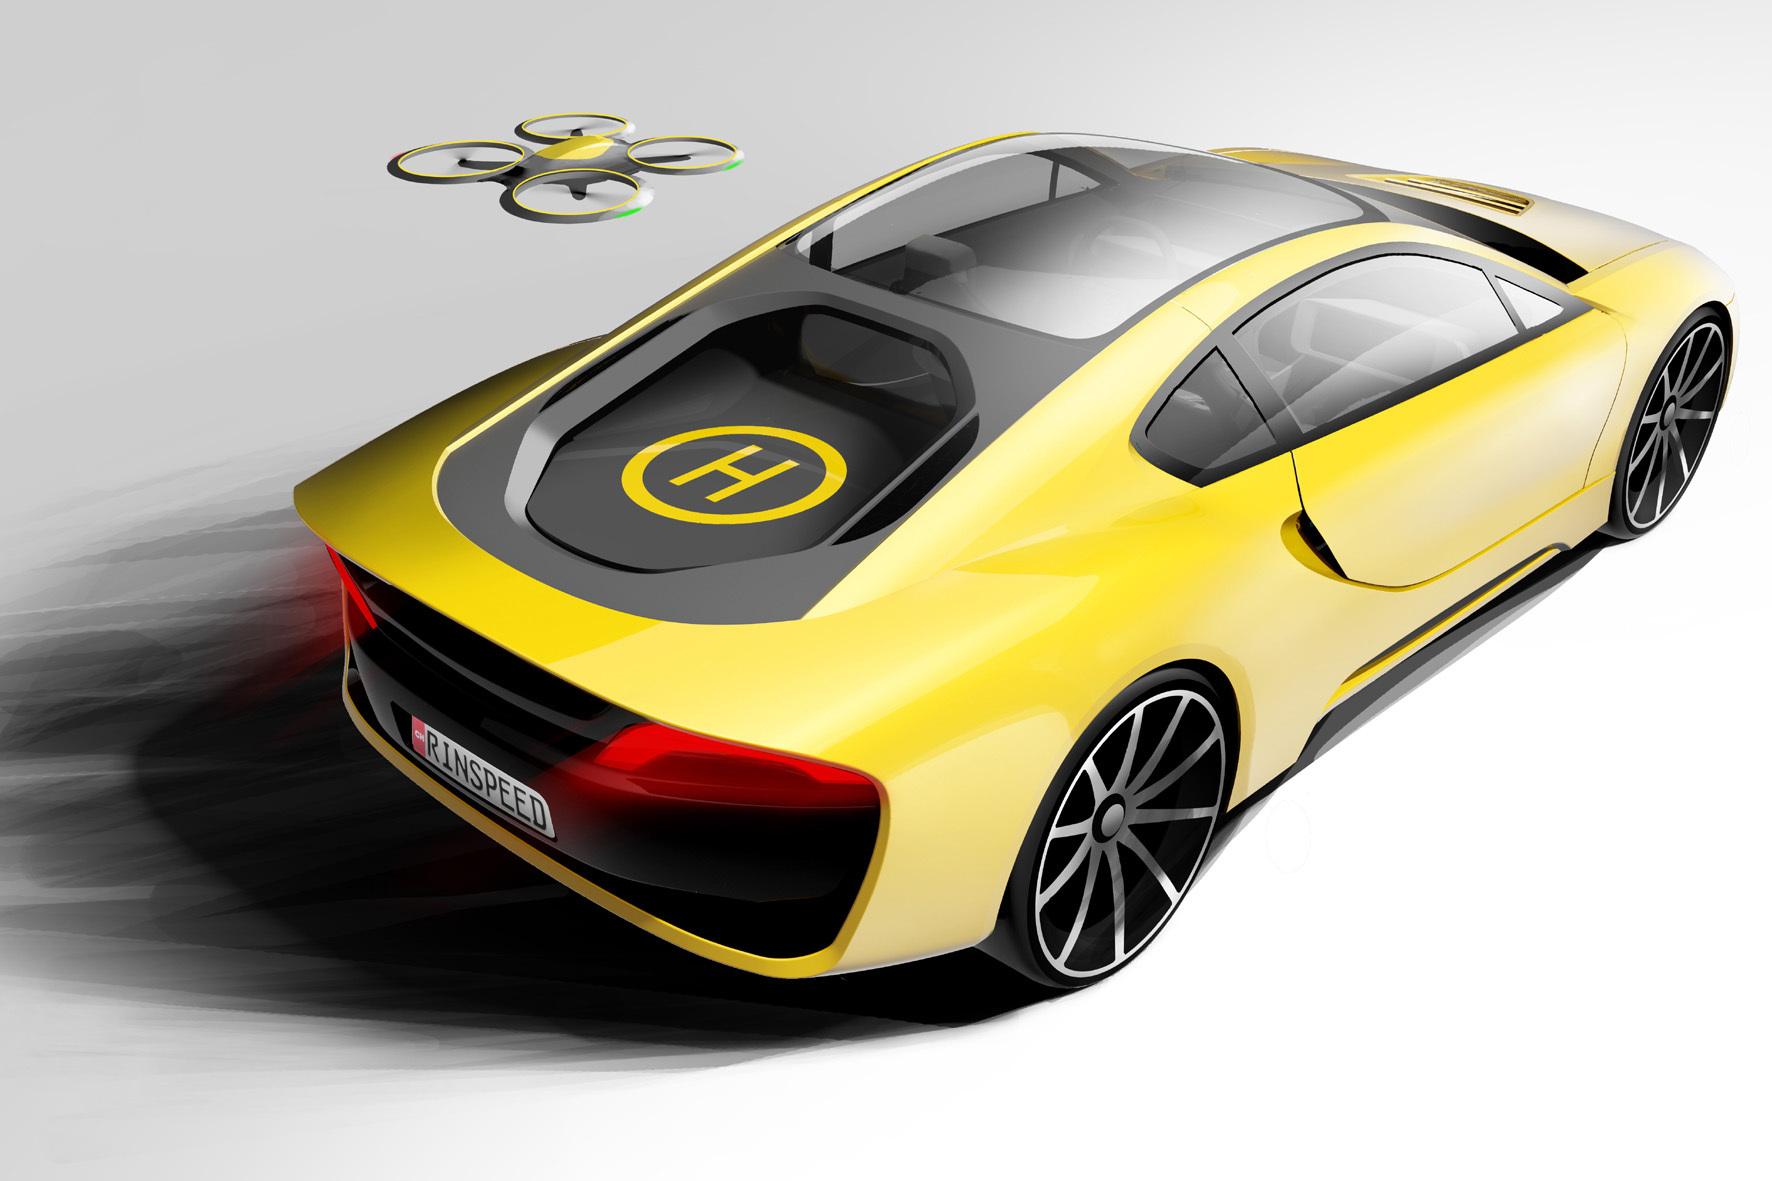 mid Düsseldorf - Hoch hinaus will Rinspeed mit seinem Auto-Heck als Start- und Landeplatz für Service-Drohnen.